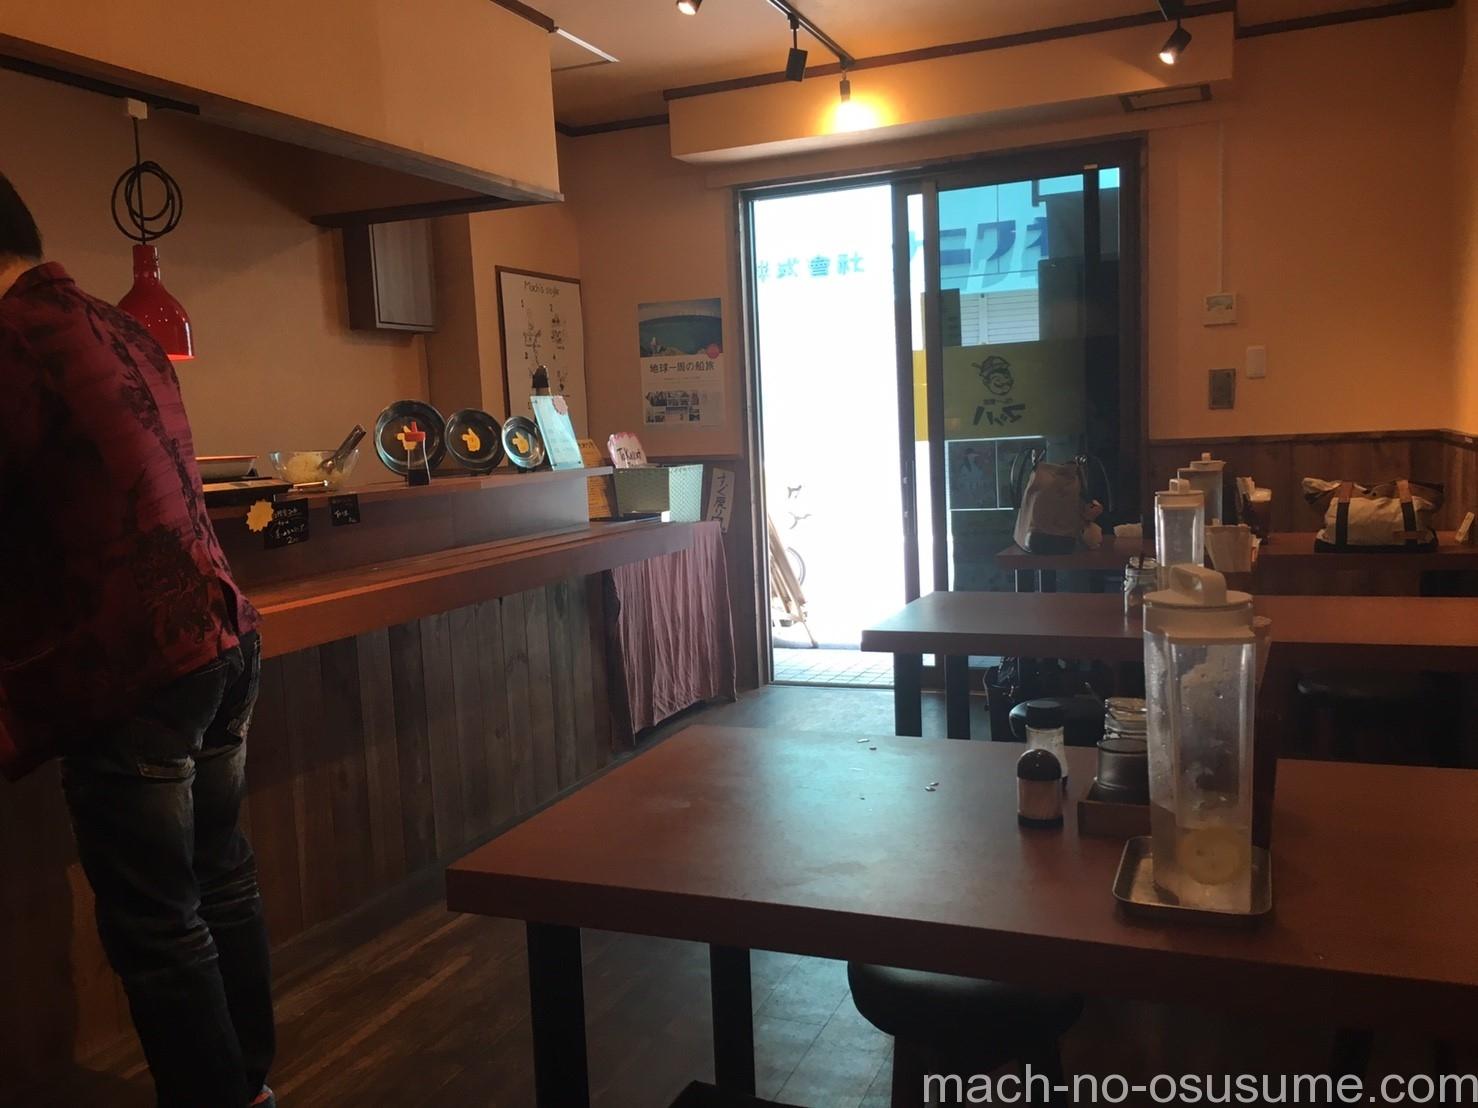 カレー食堂マッハ_170613_0001